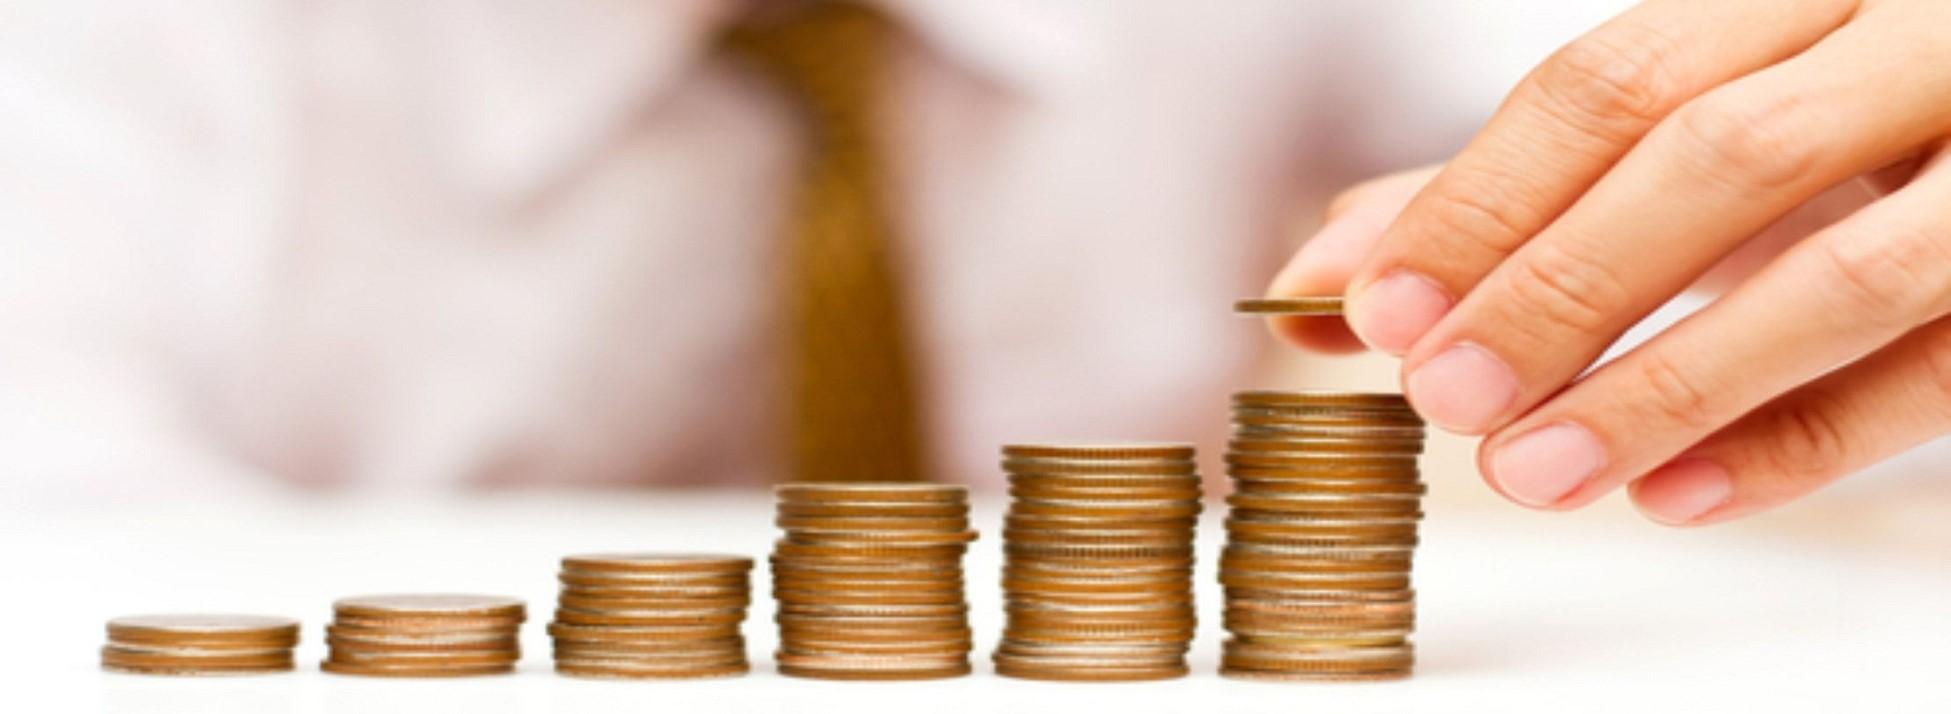 trader dan investor saham - menabung saham